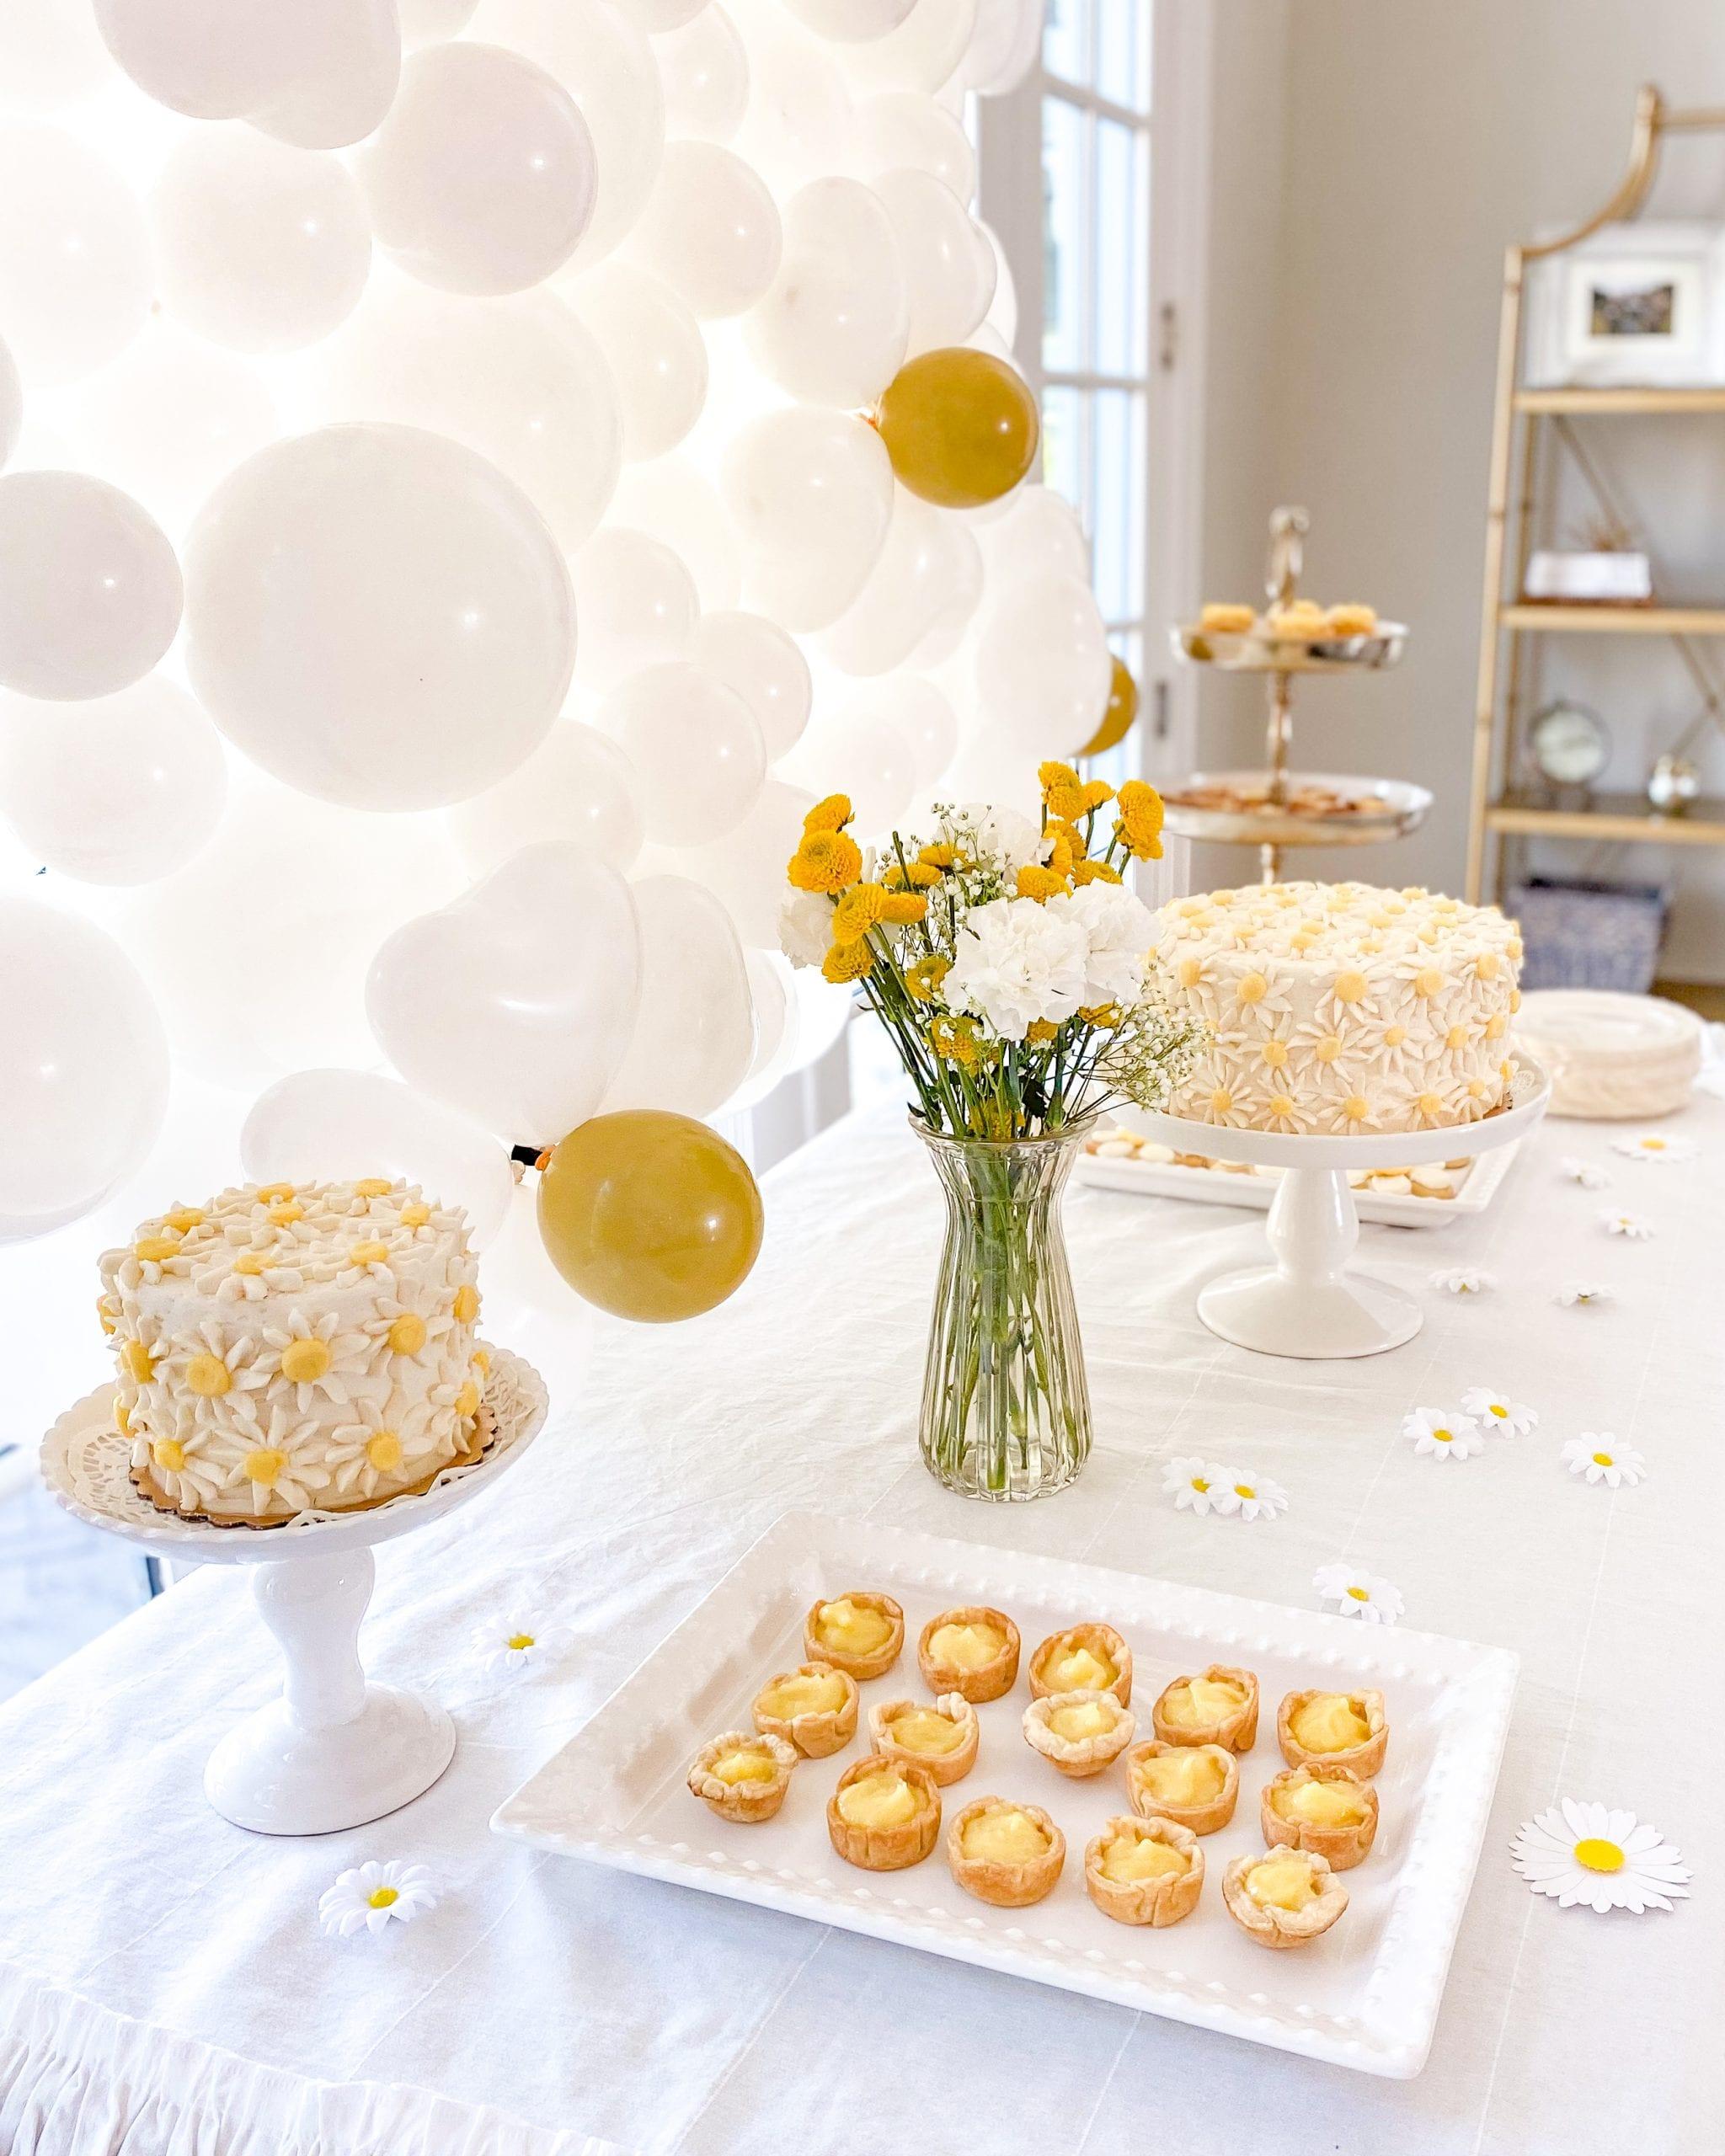 daisy themed dessert table